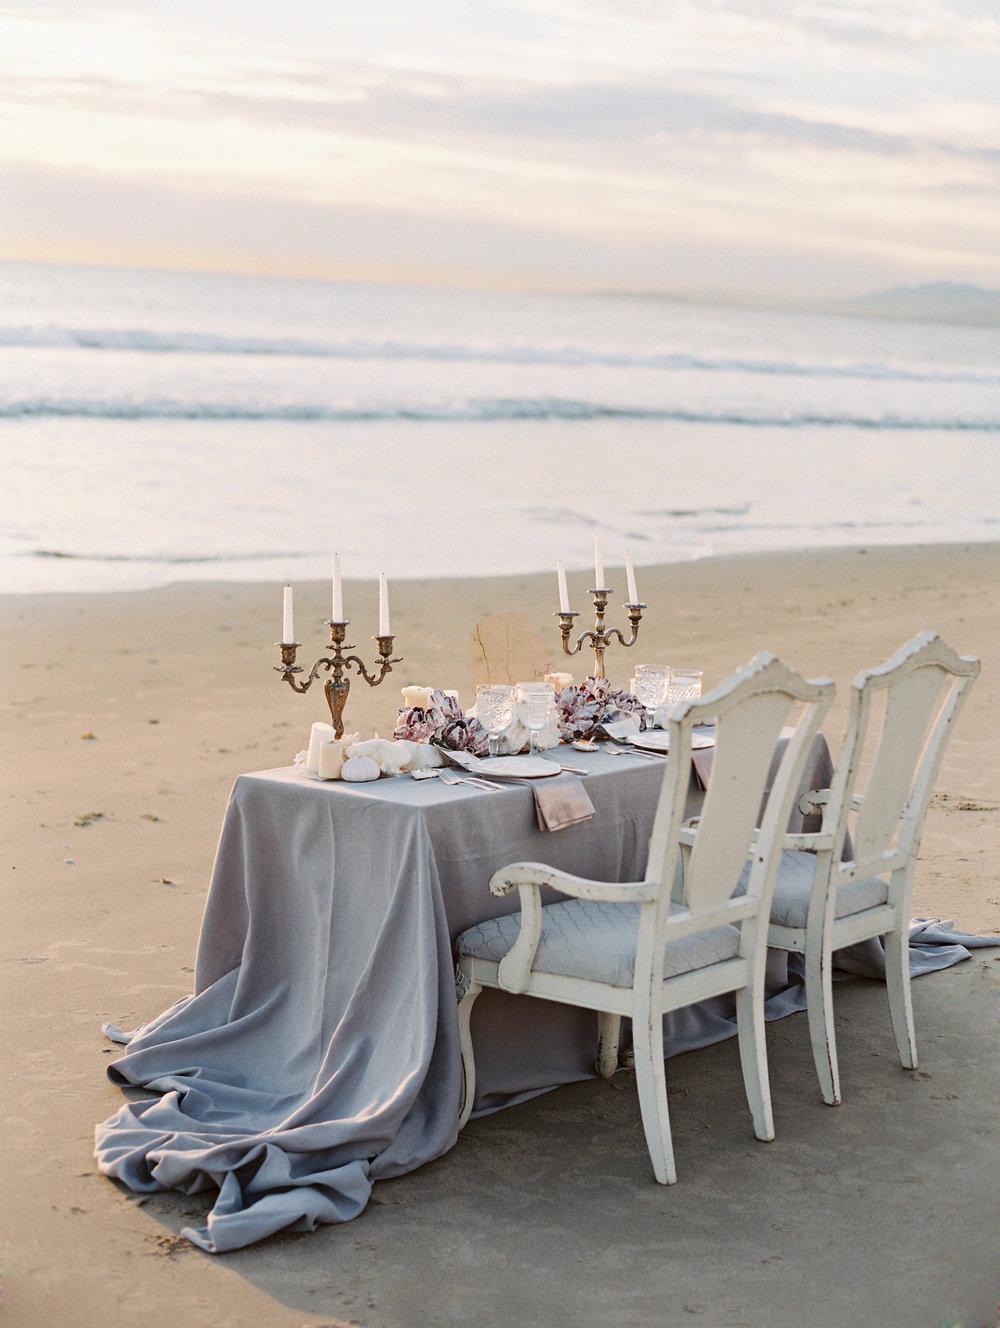 santa_beach_wedding_planner_rae_and_moore_04.JPG